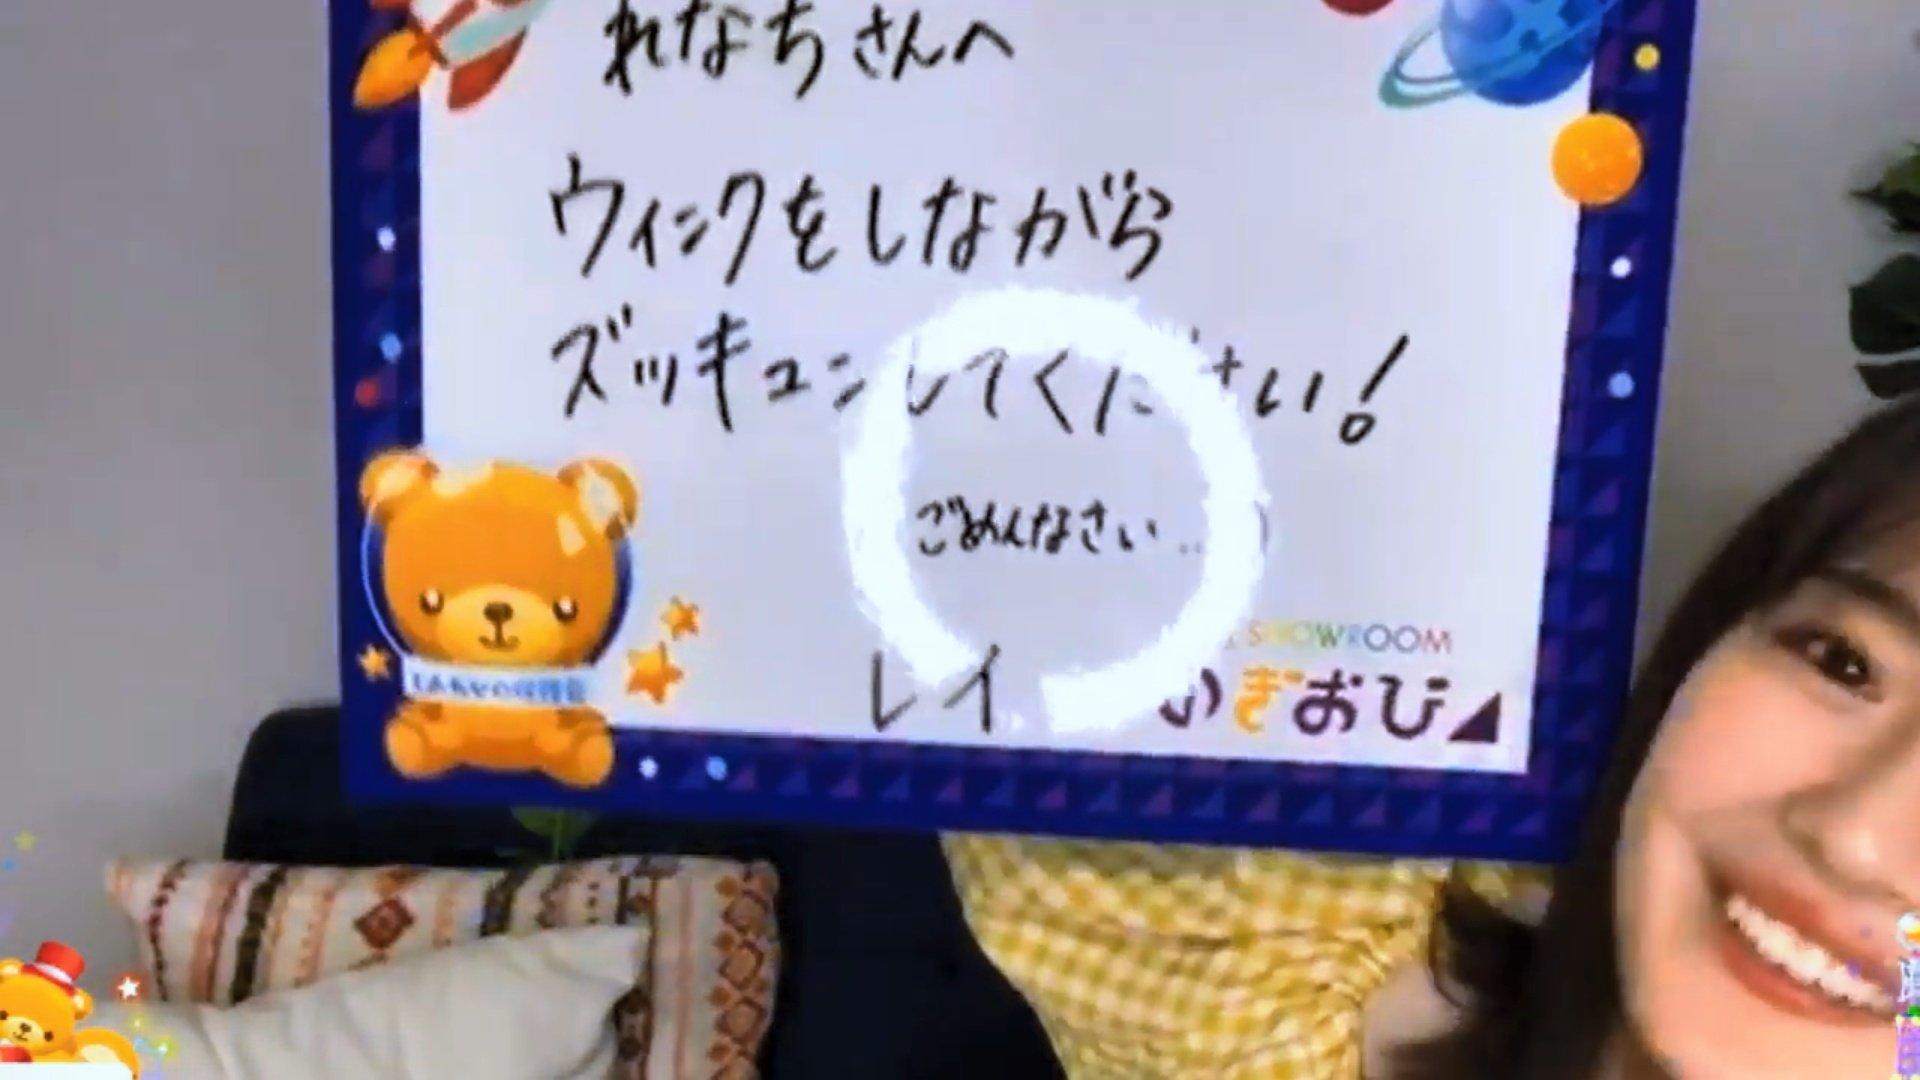 のぎおび 清宮レイから山崎怜奈への宿題は「ウインクをしながらズッキュンしてください!」